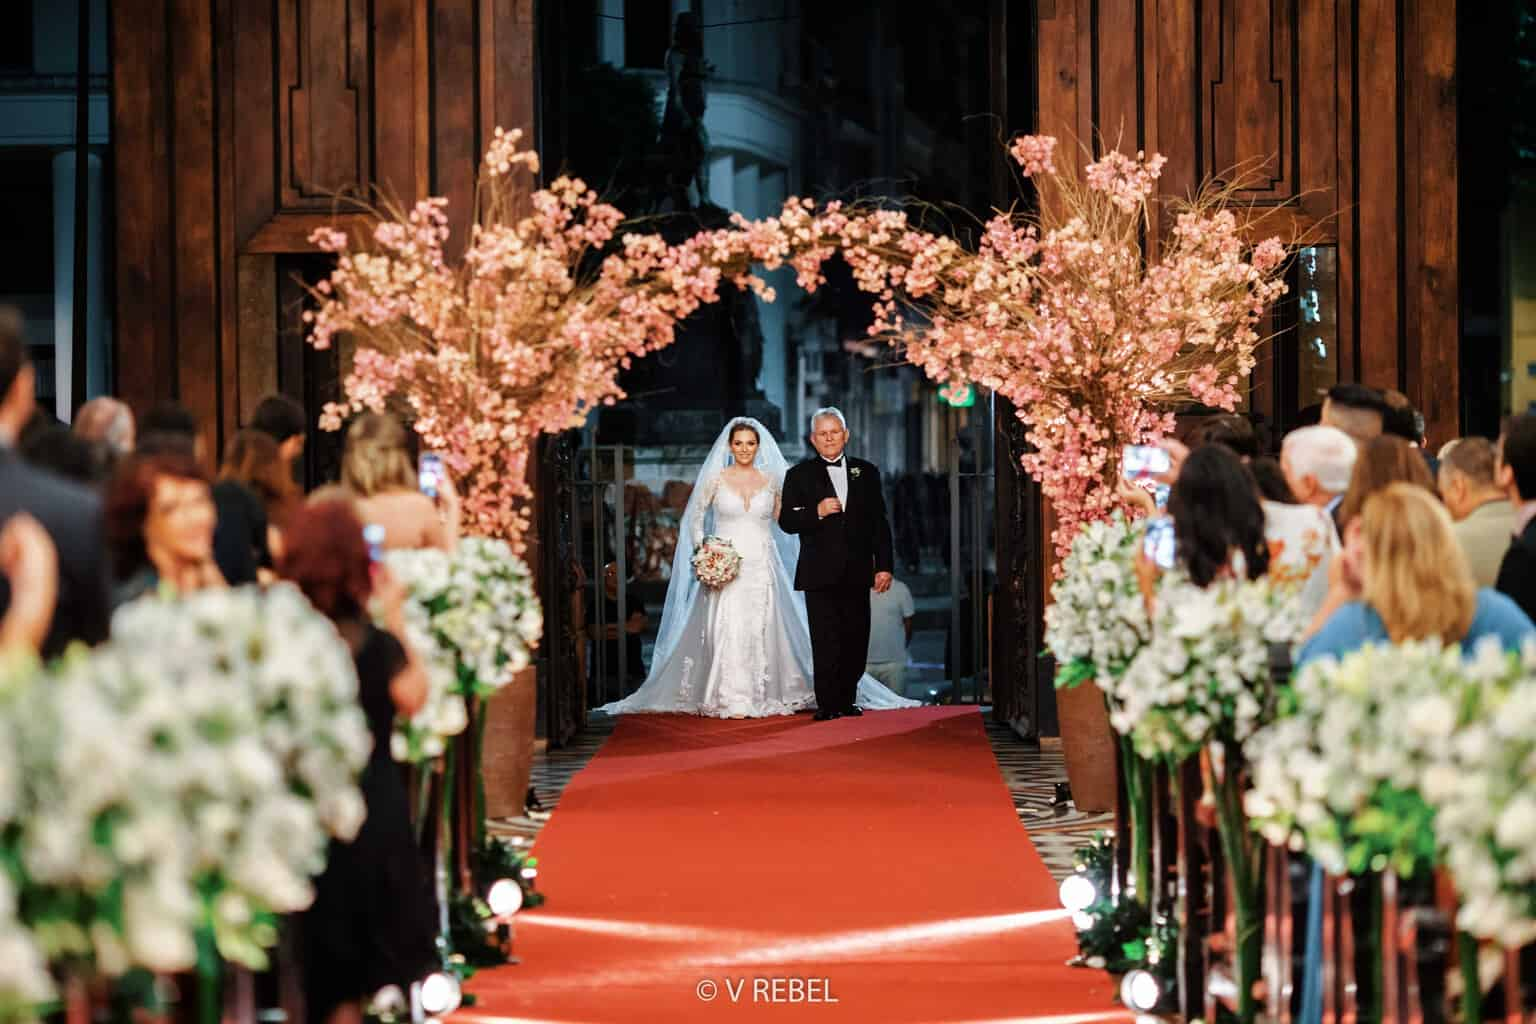 casamento-Caroline-e-Breno-casamento-clássico-cerimonia-na-igreja-entrada-da-noiva-fotografia-VRebel35